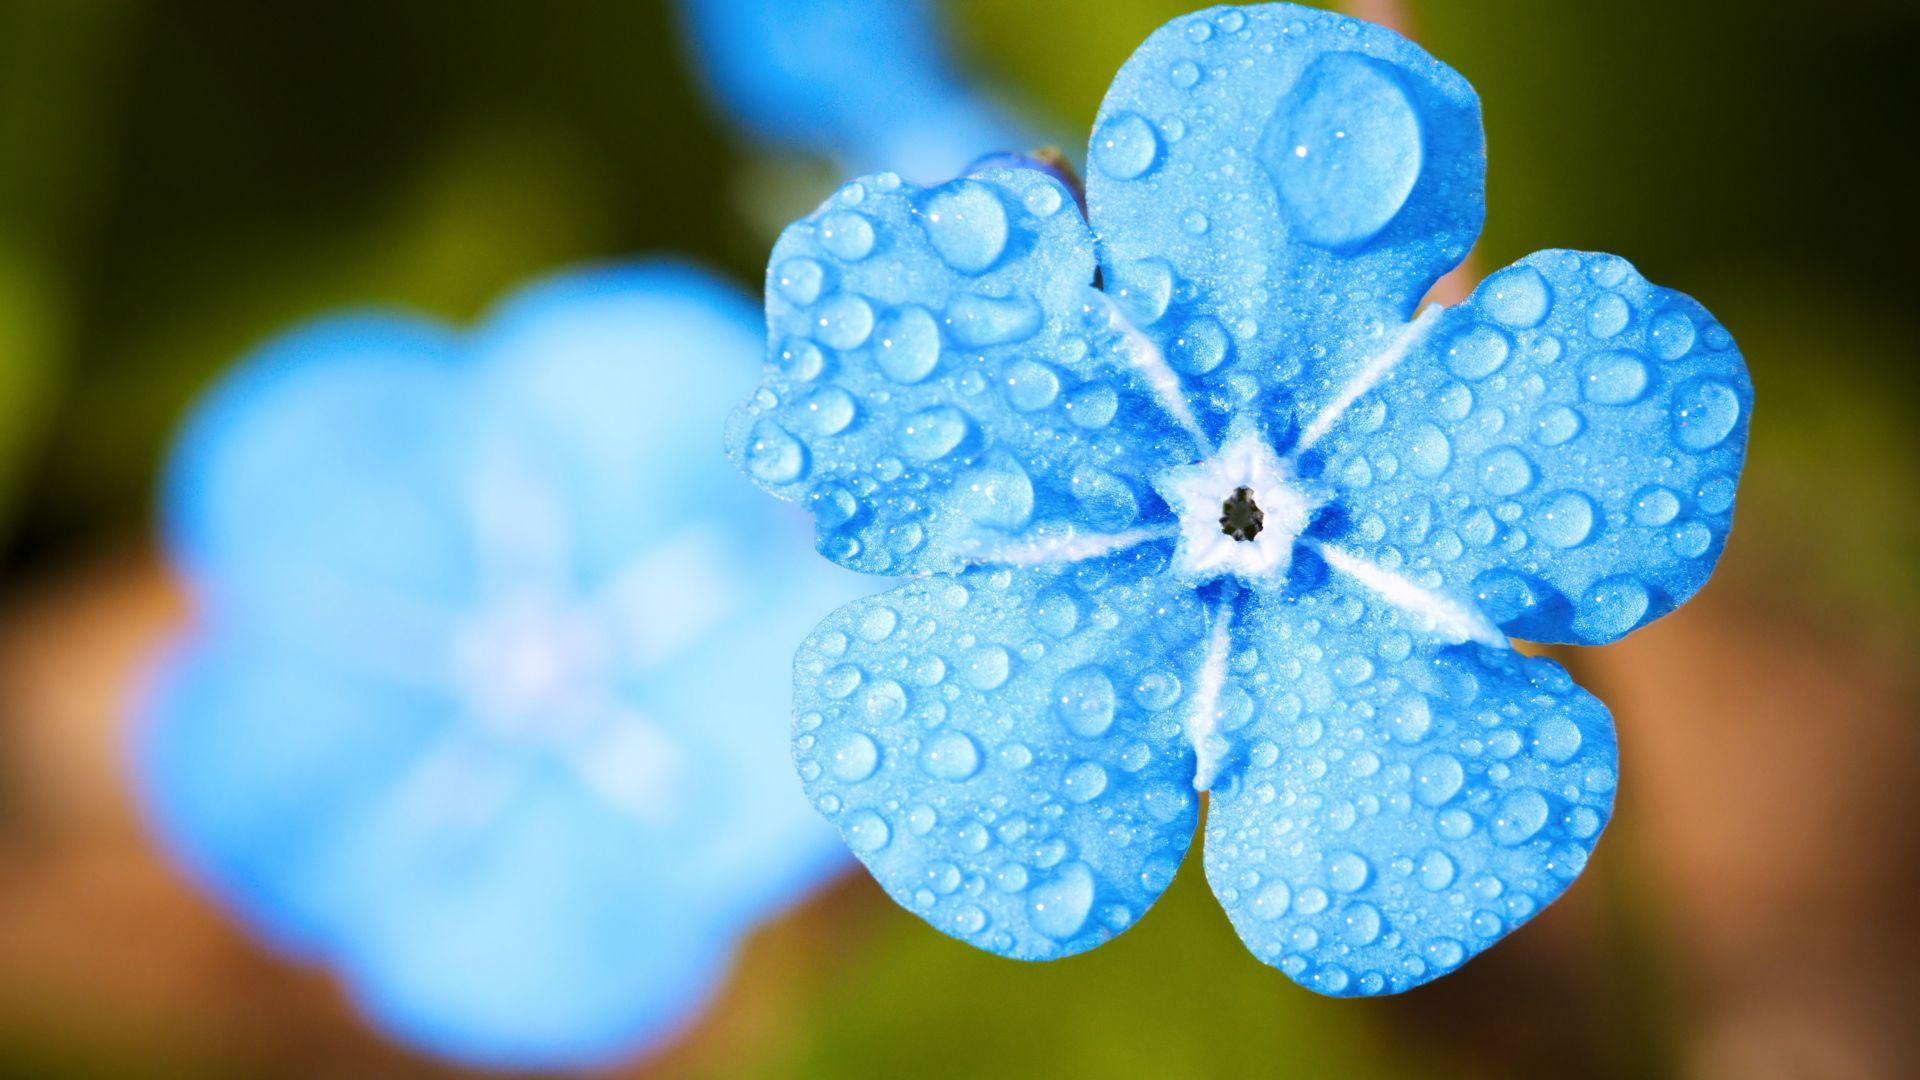 Spring Flowers 3d Live Wallpaper Desktop Wallpaper Blue Flower Close Up Water Drops Hd